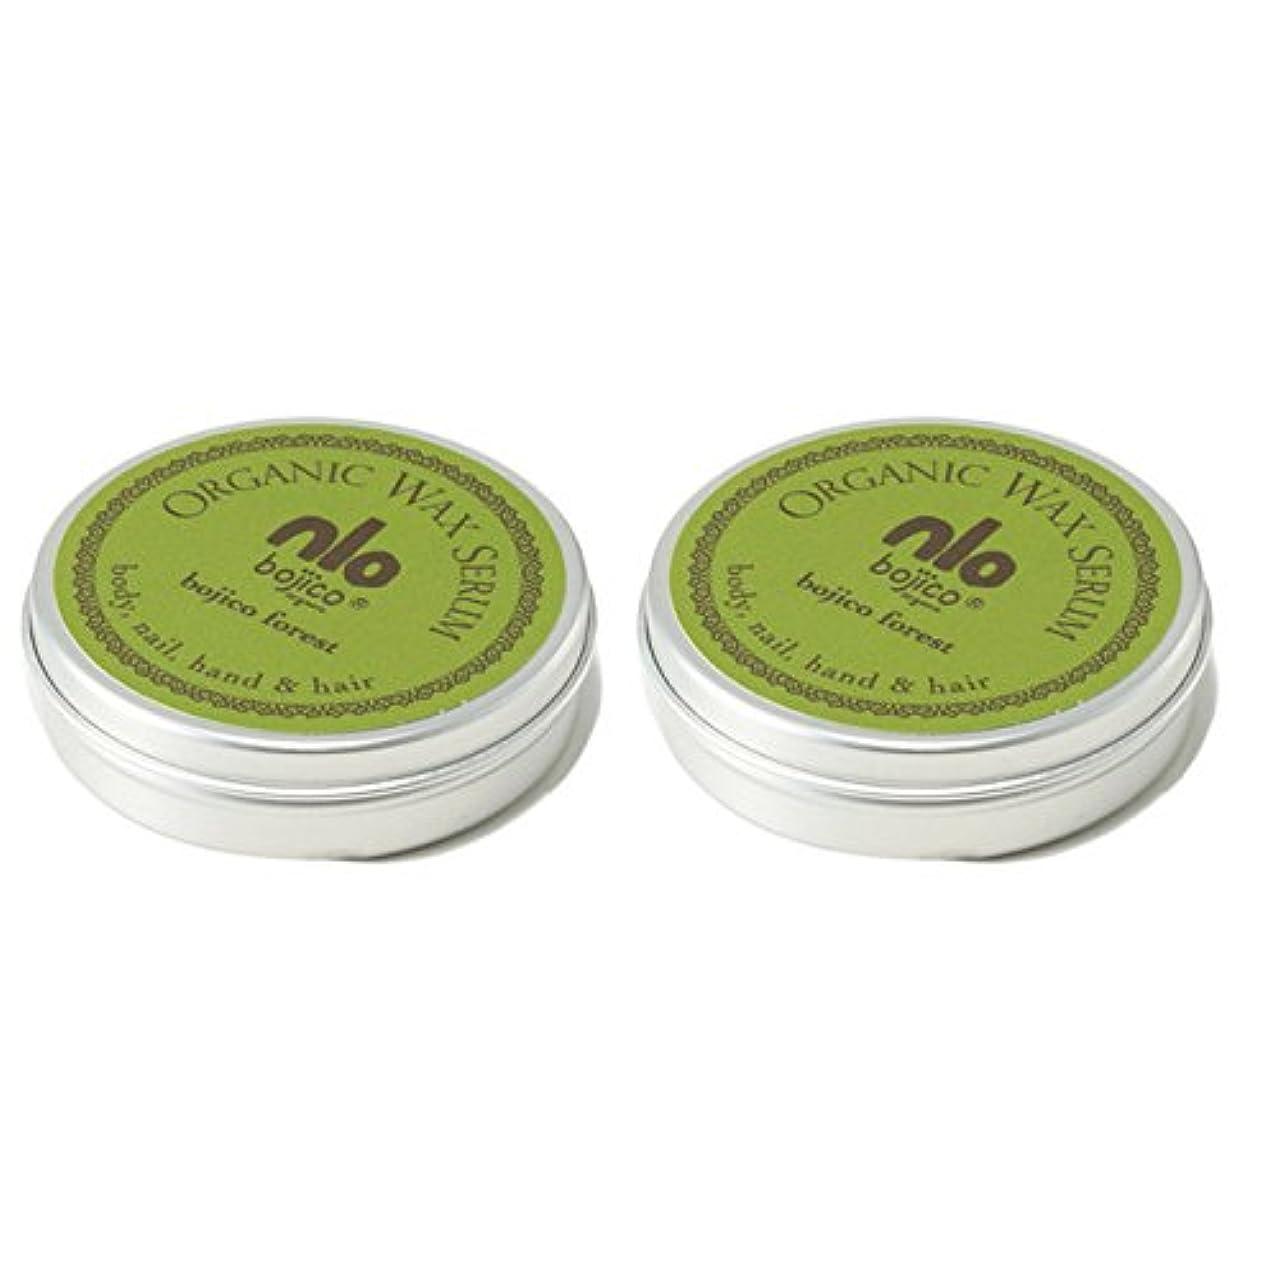 硫黄パイロット折【40g×2個セット】 ボジコ オーガニック ワックス セラム <フォレスト> bojico Organic Wax Serum 40g×2